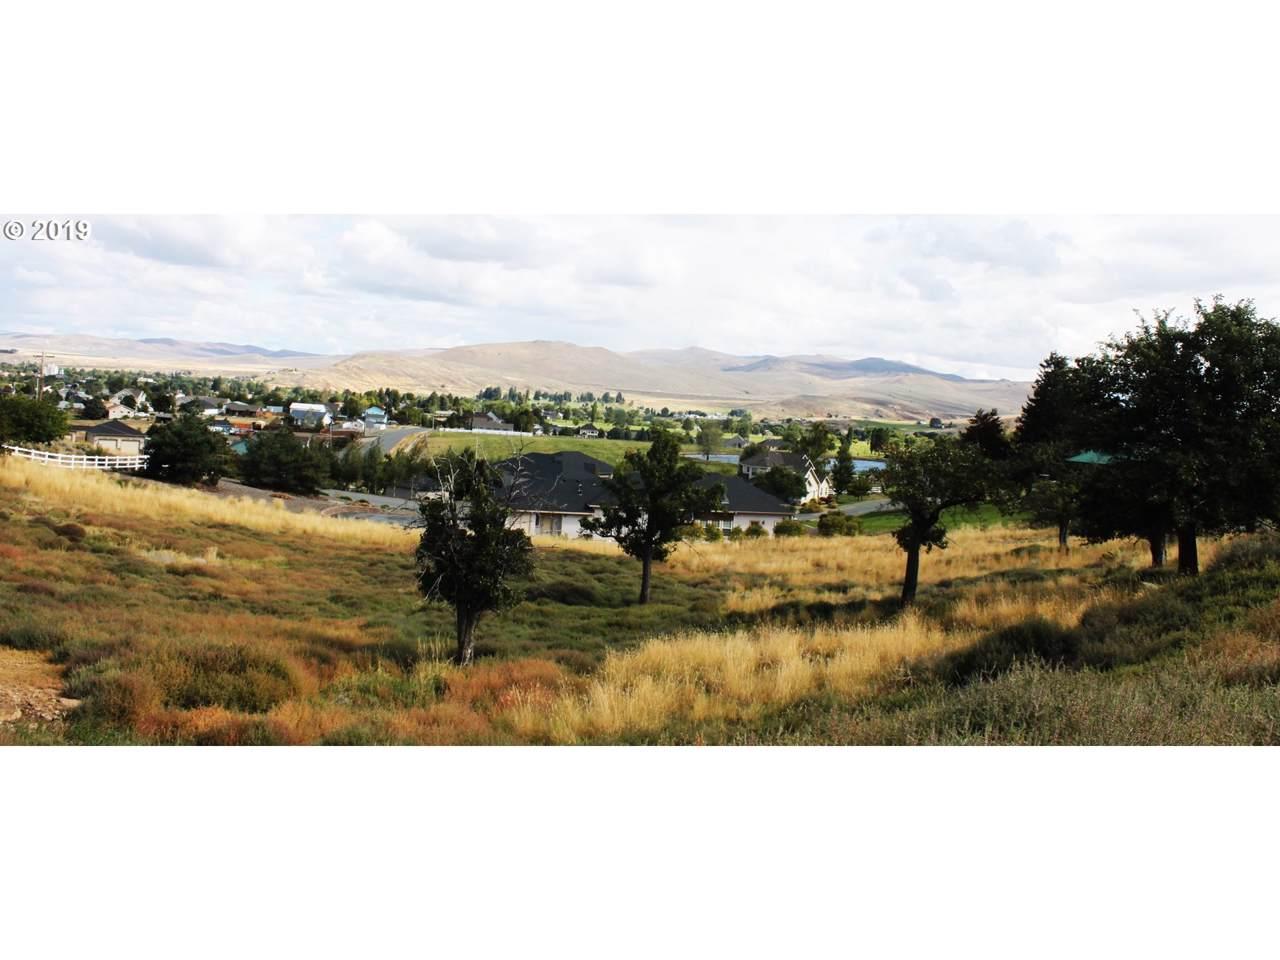 0 Scenic Vista Lot 8 - Photo 1